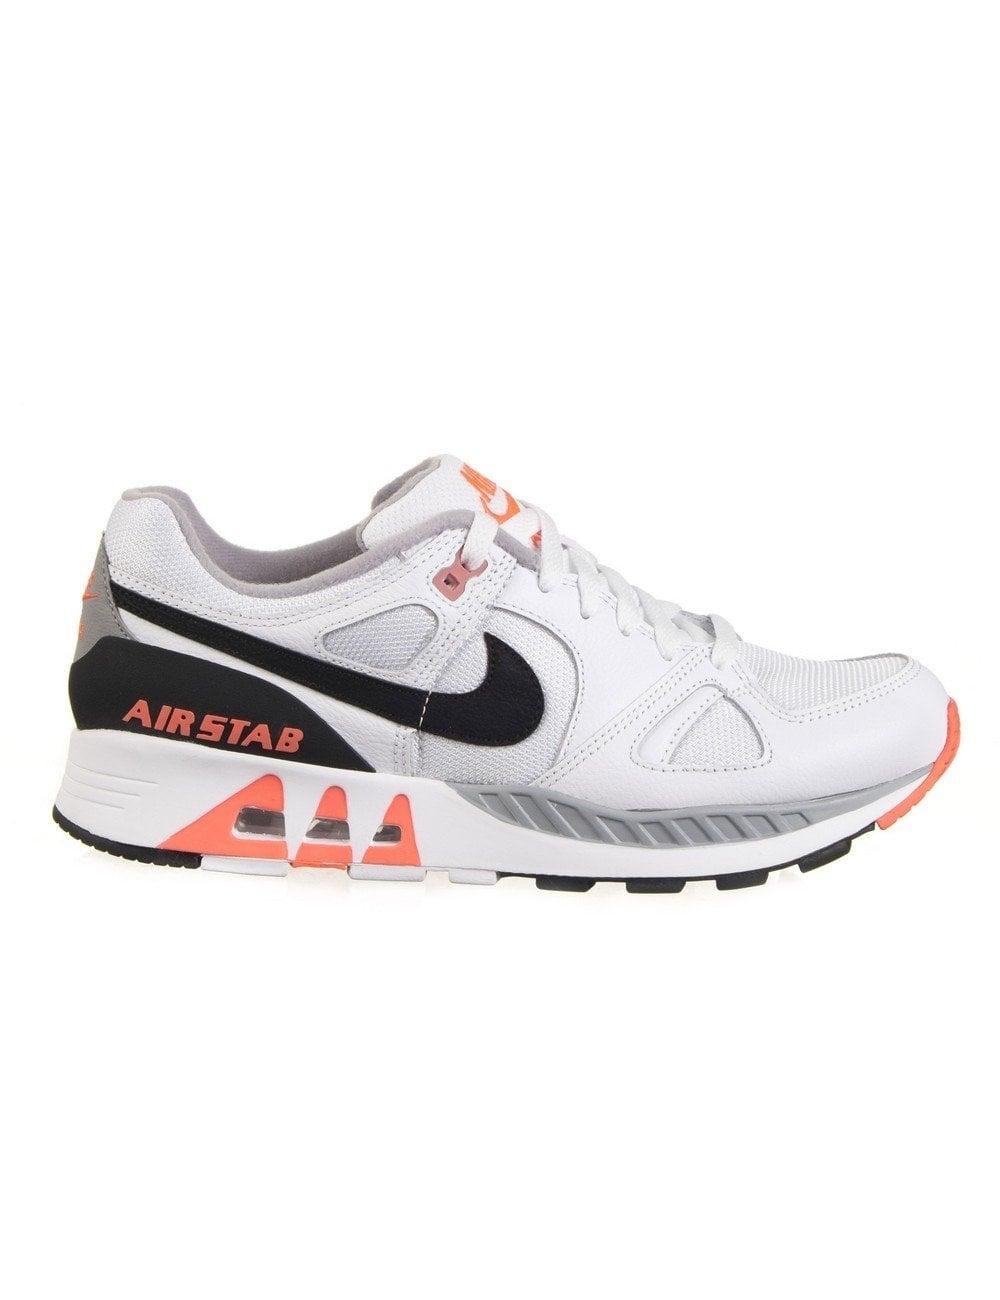 eb53385ae14c7 Air Stab Shoes - White/Black/Hot Lava